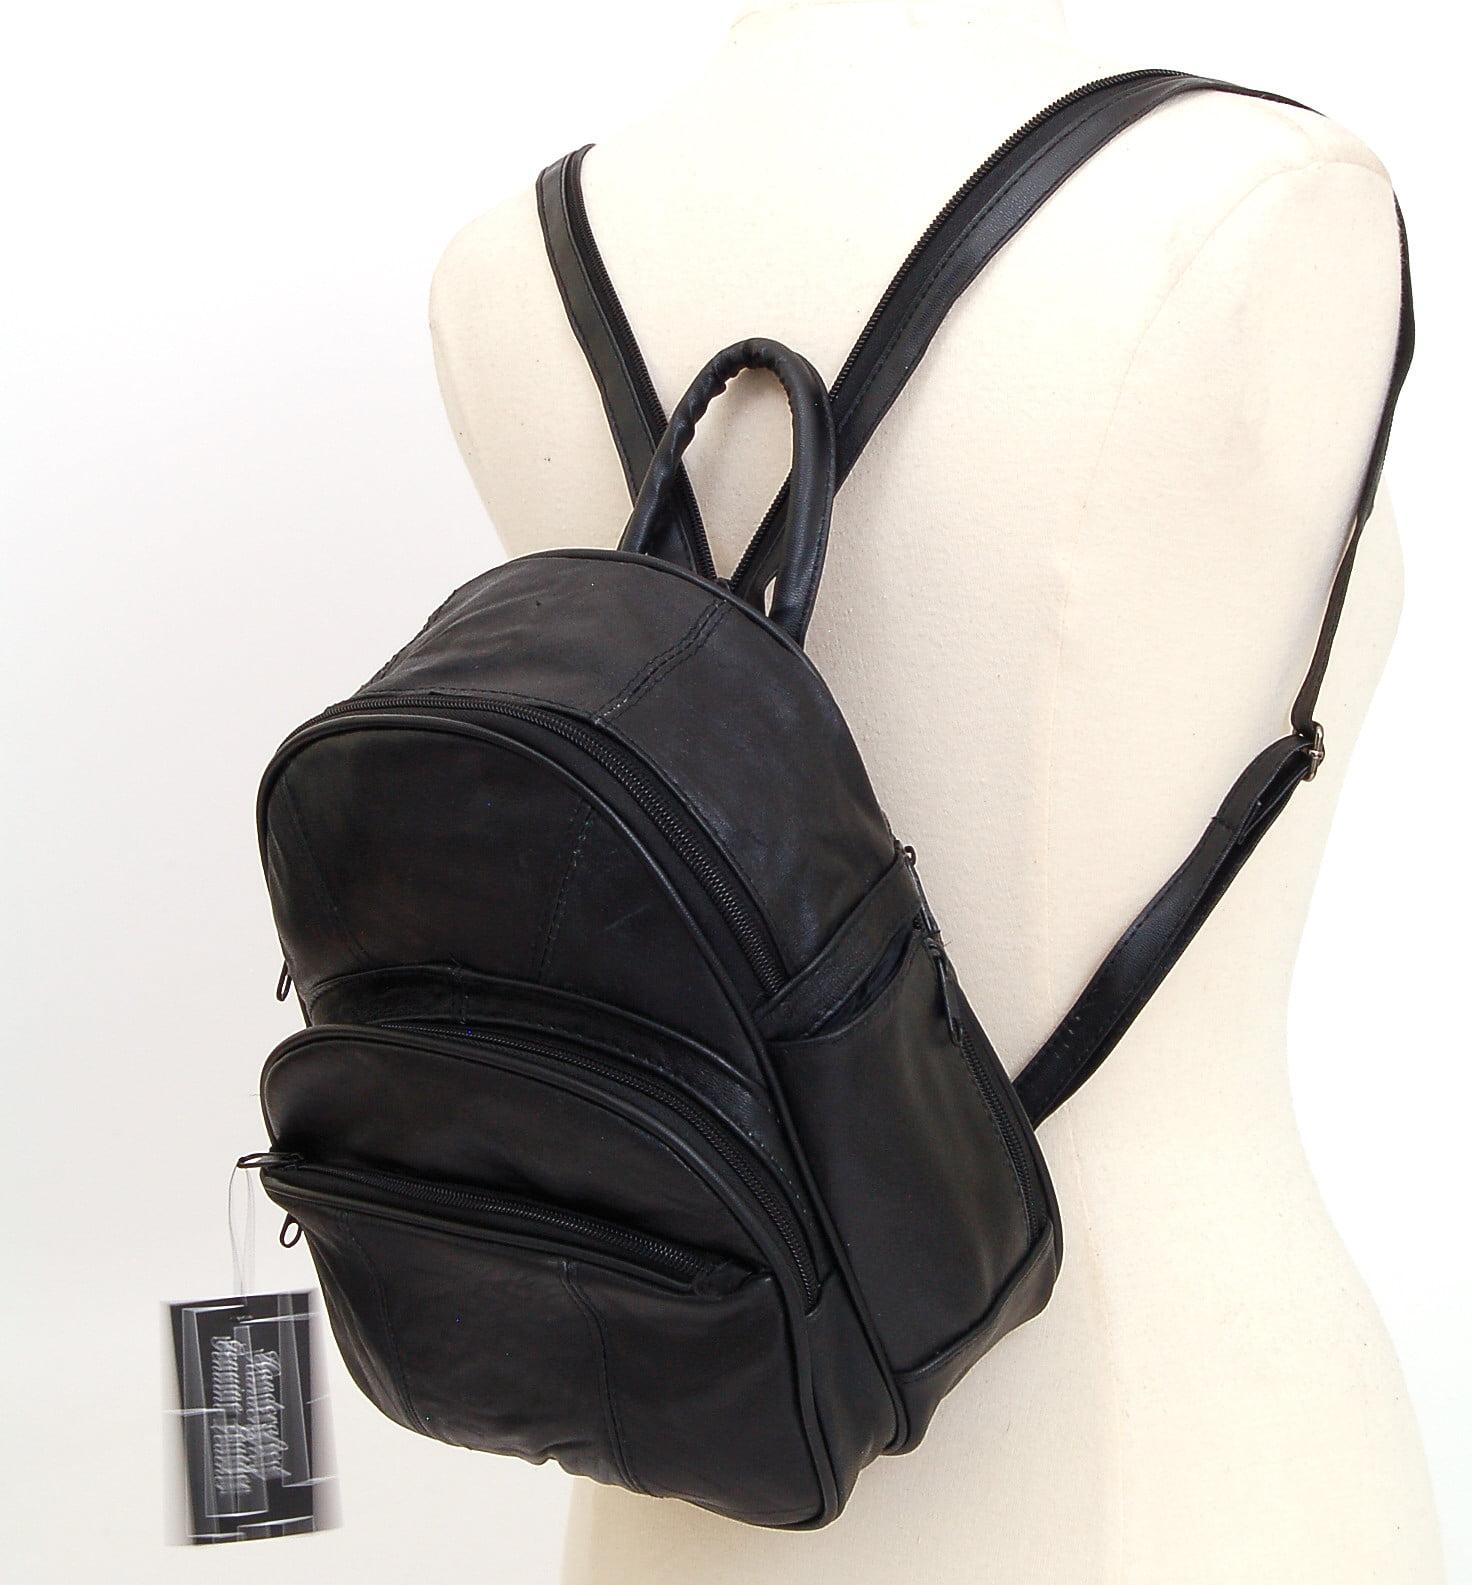 New Leather Backpack Purse Sling Bag Back Pack Shoulder Handbag ...